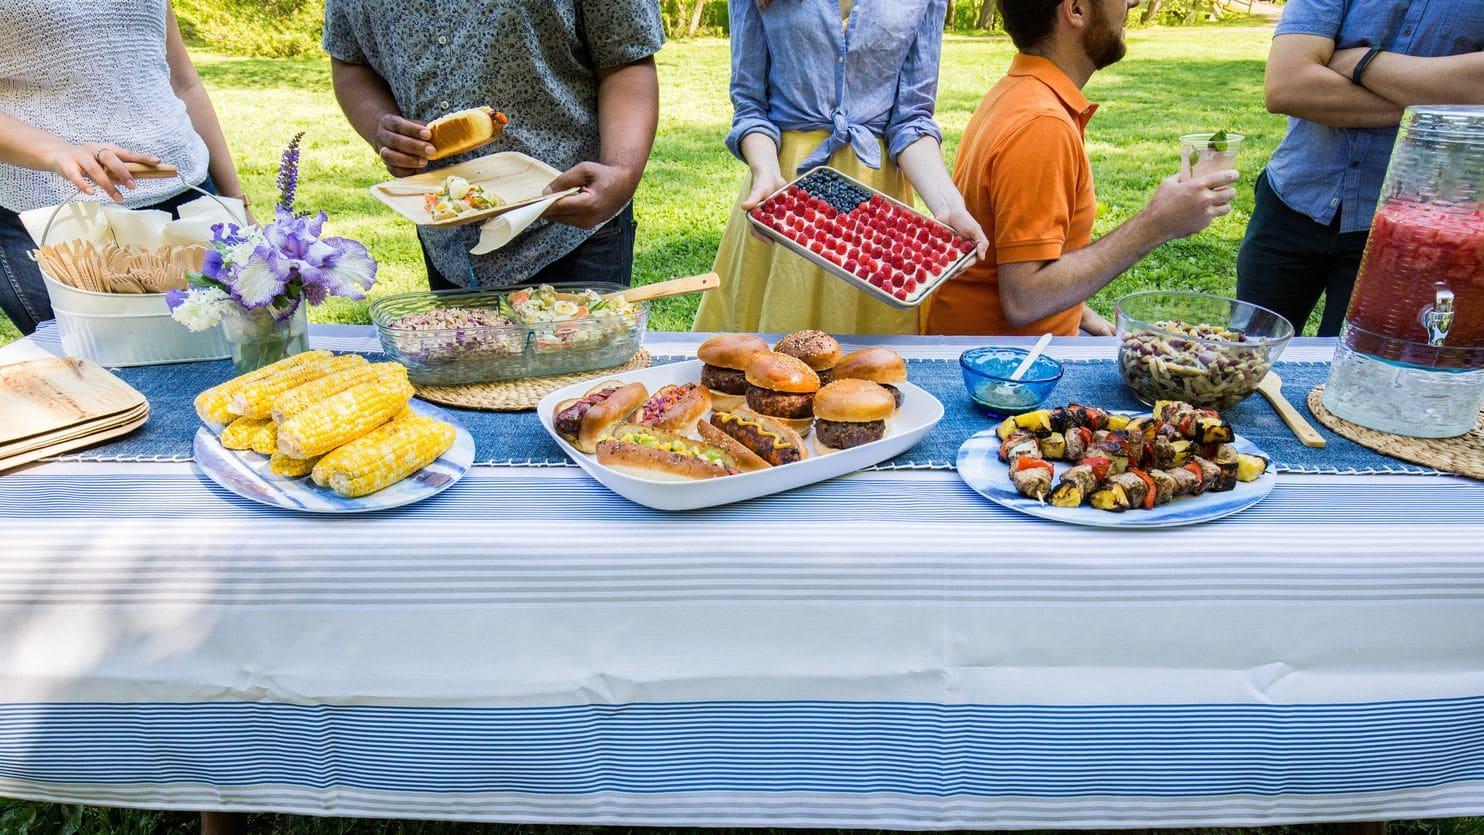 How to Craft Backyard Cookout Ideas via Simphome.com 12